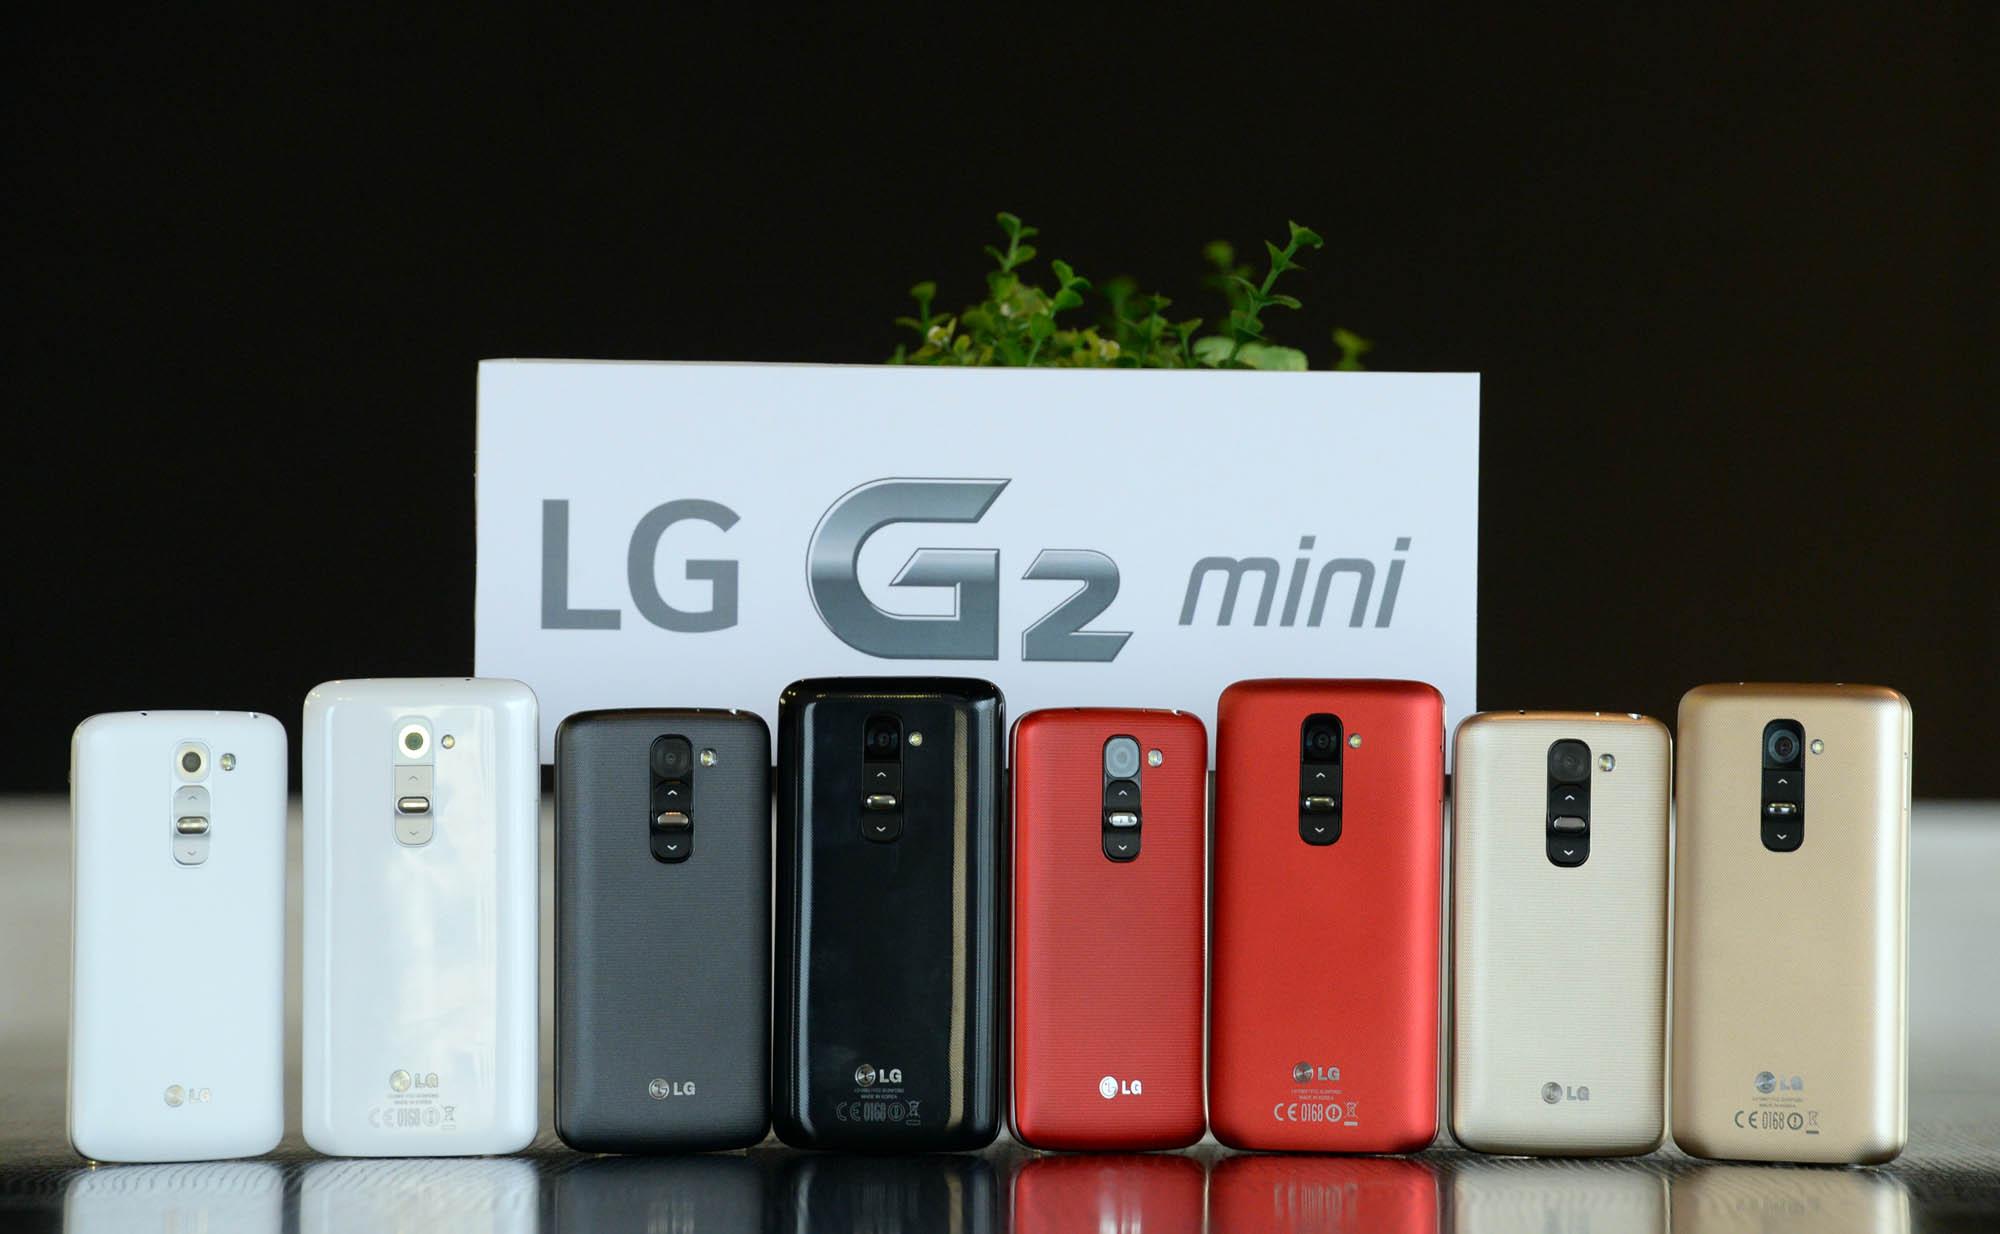 LG G2 mini Fotografija 01